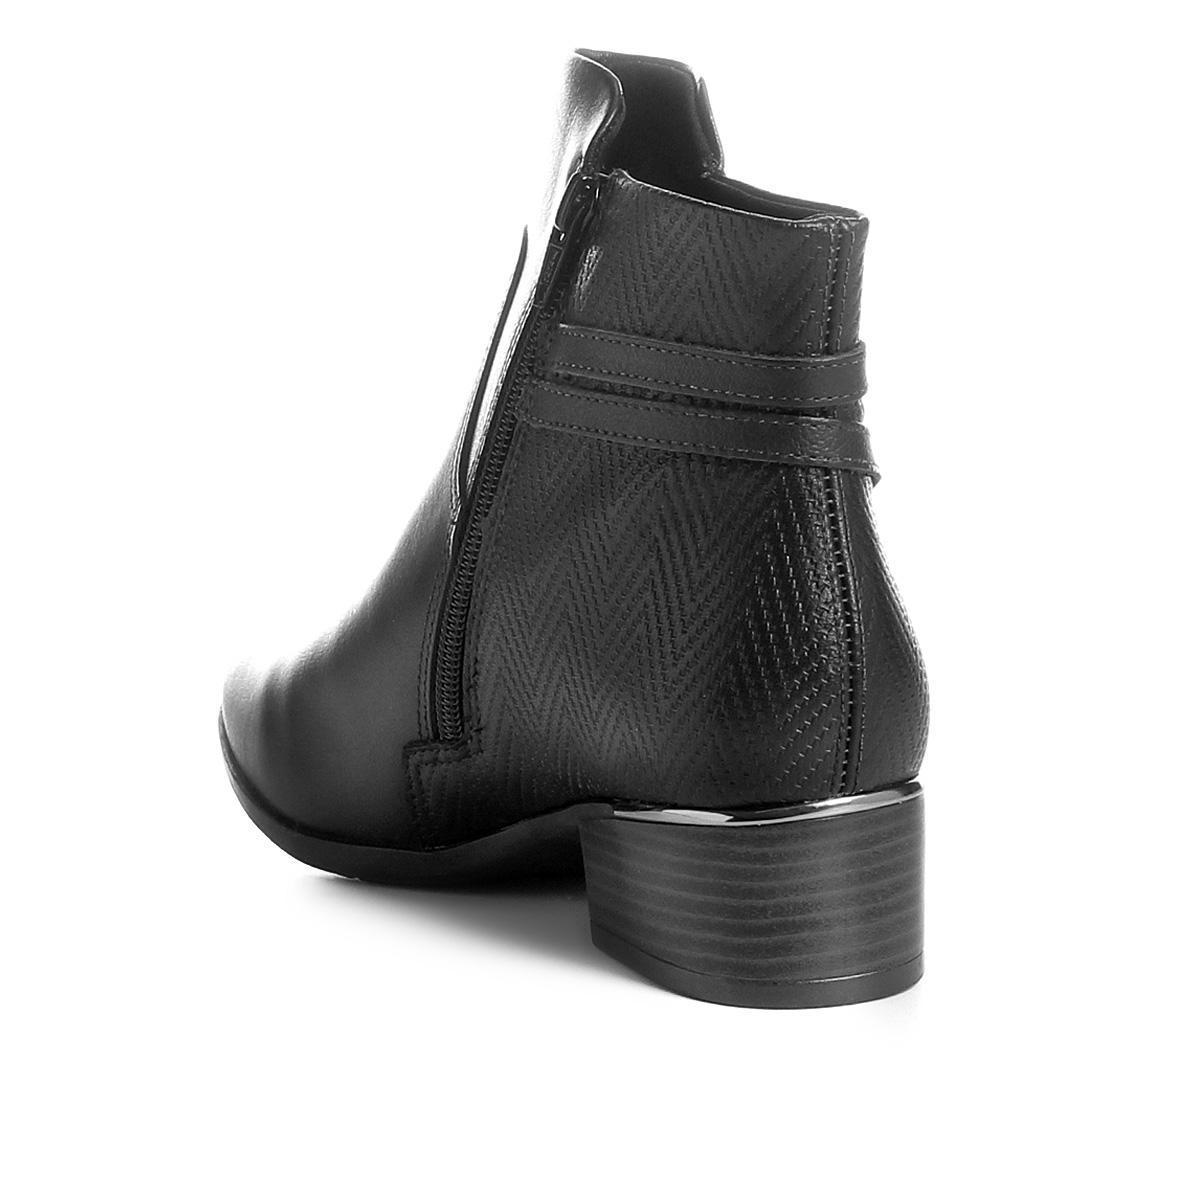 4af1e3448 Bota Cano Curto Comfortflex Salto Curto Multi Tiras Metal Feminina R$  249,99 à vista. Adicionar à sacola